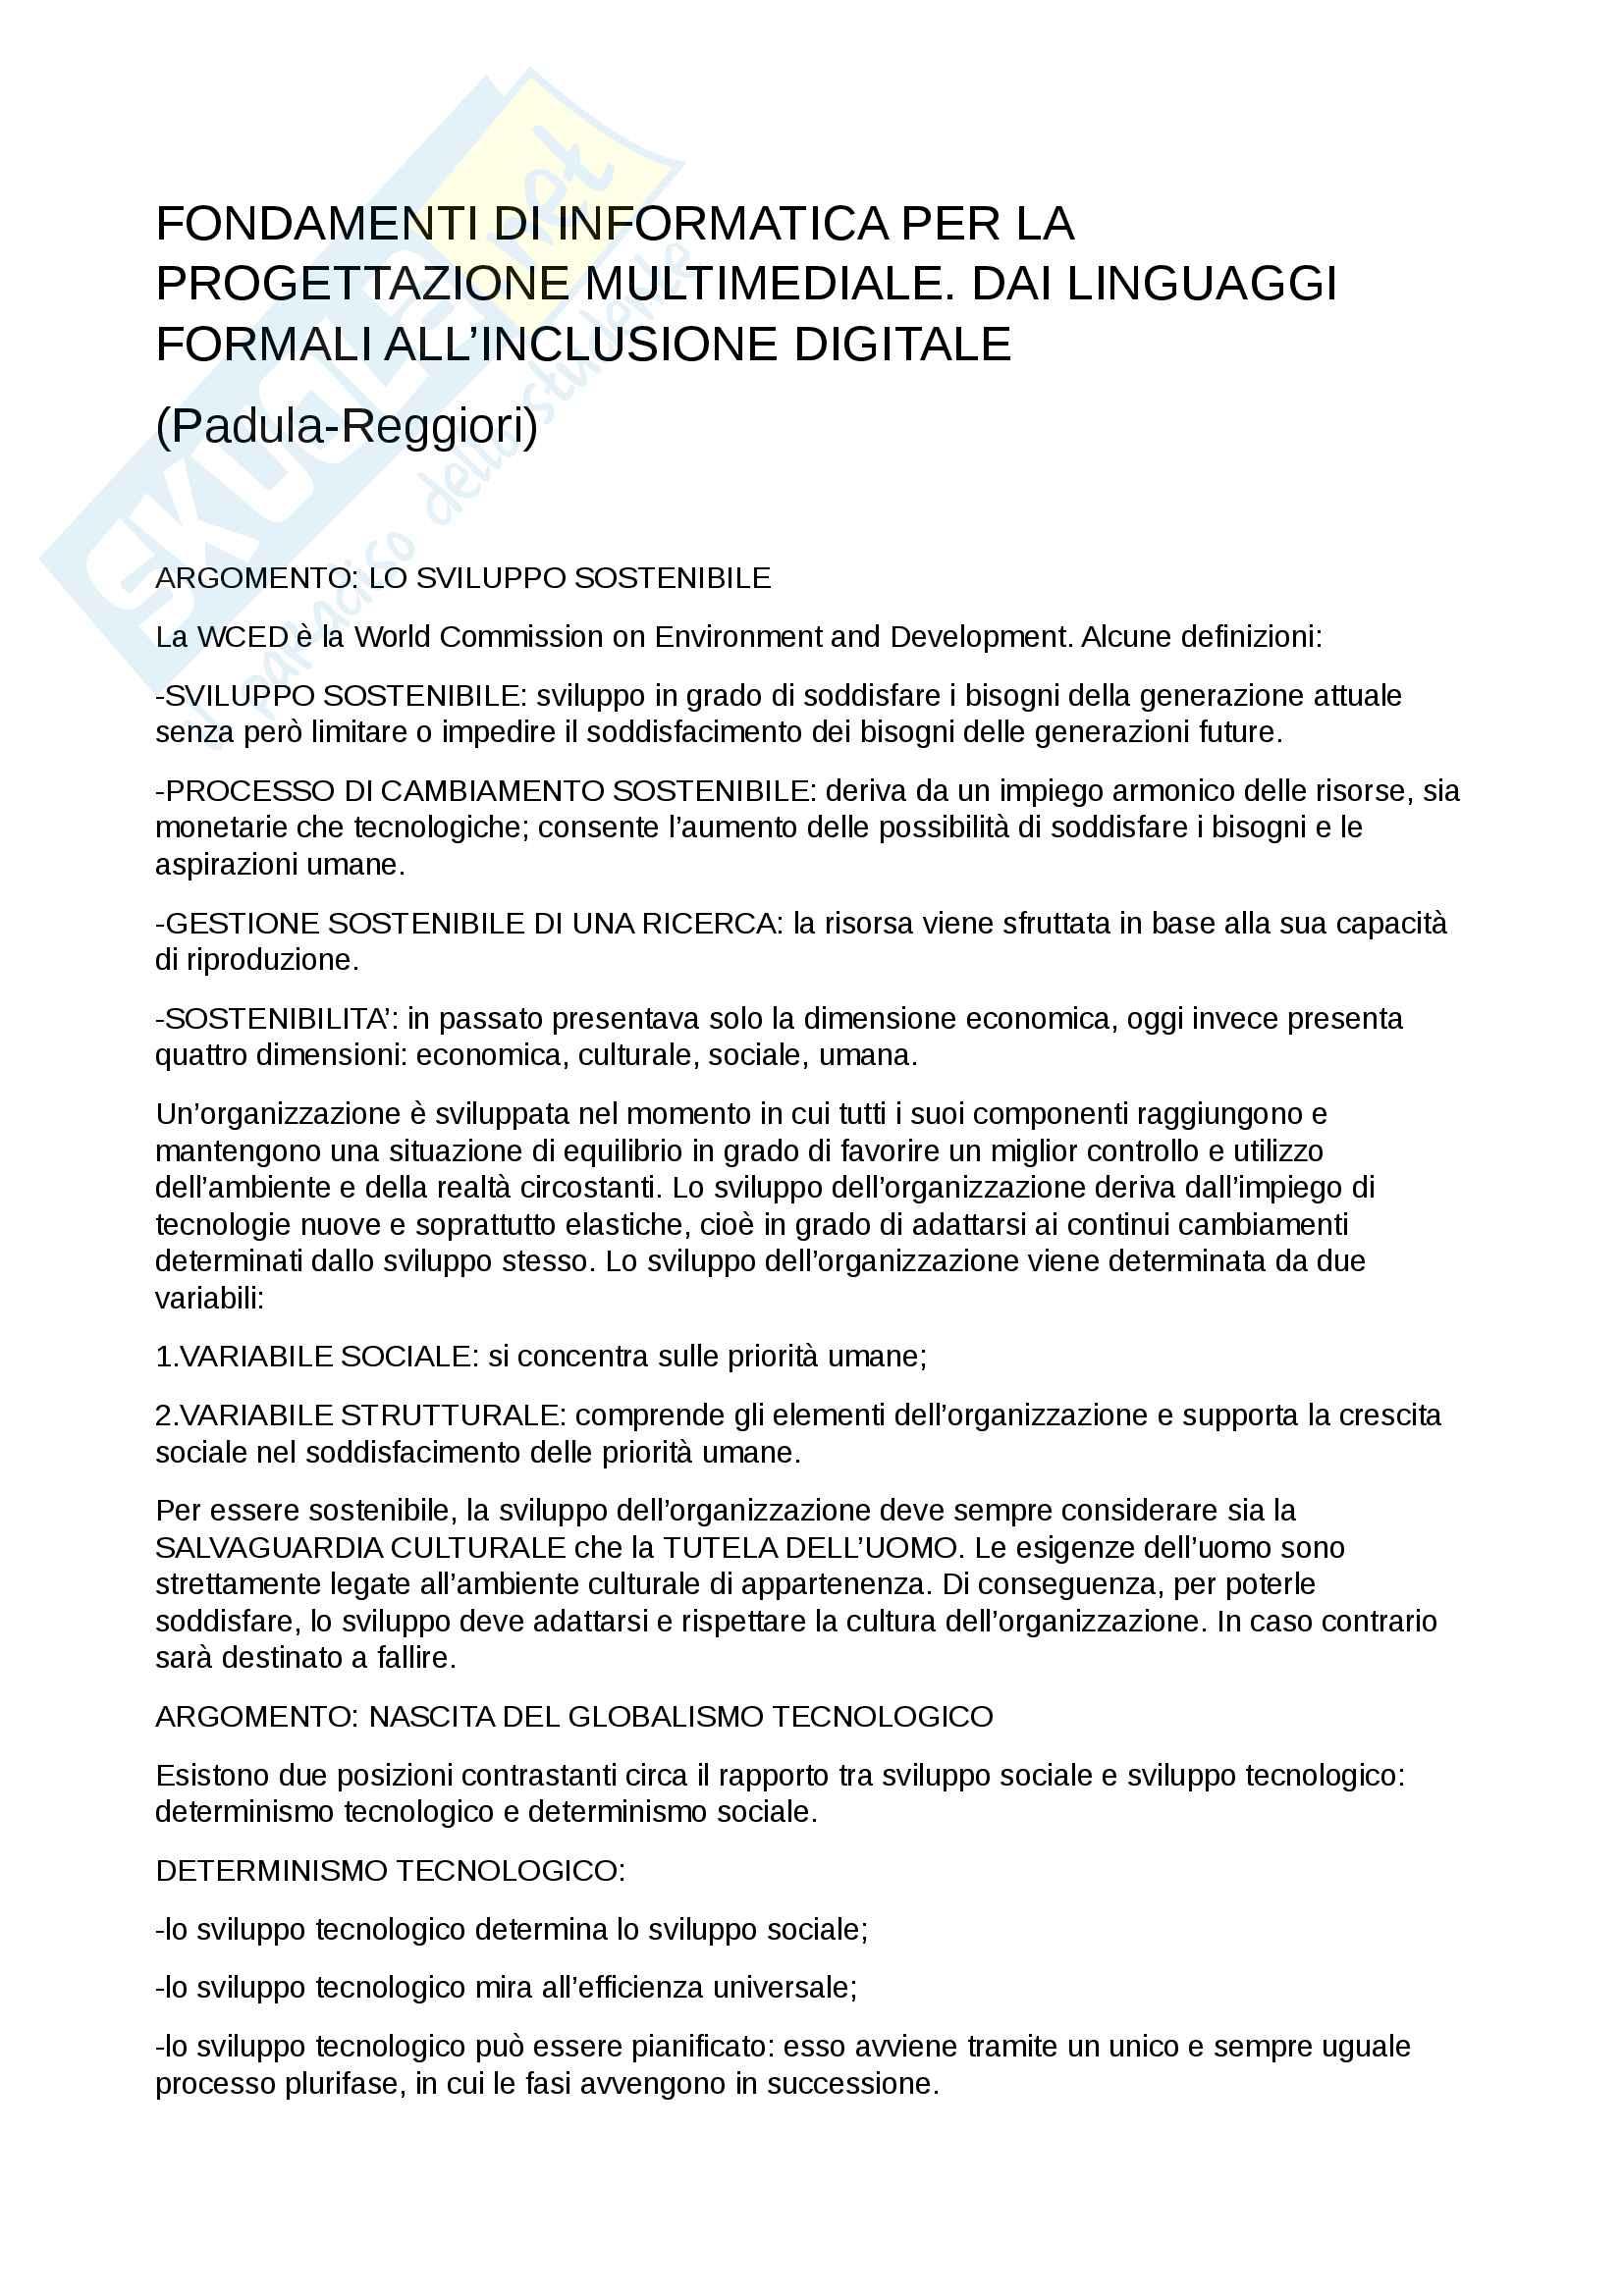 Riassunto esame di informatica generale, prof. Marco Padula, libro consigliato Fondamenti di informatica per la progettazione multimediale - dai linguaggi formali all'inclusione digitale, 2006, M.Padula, A.Reggiori